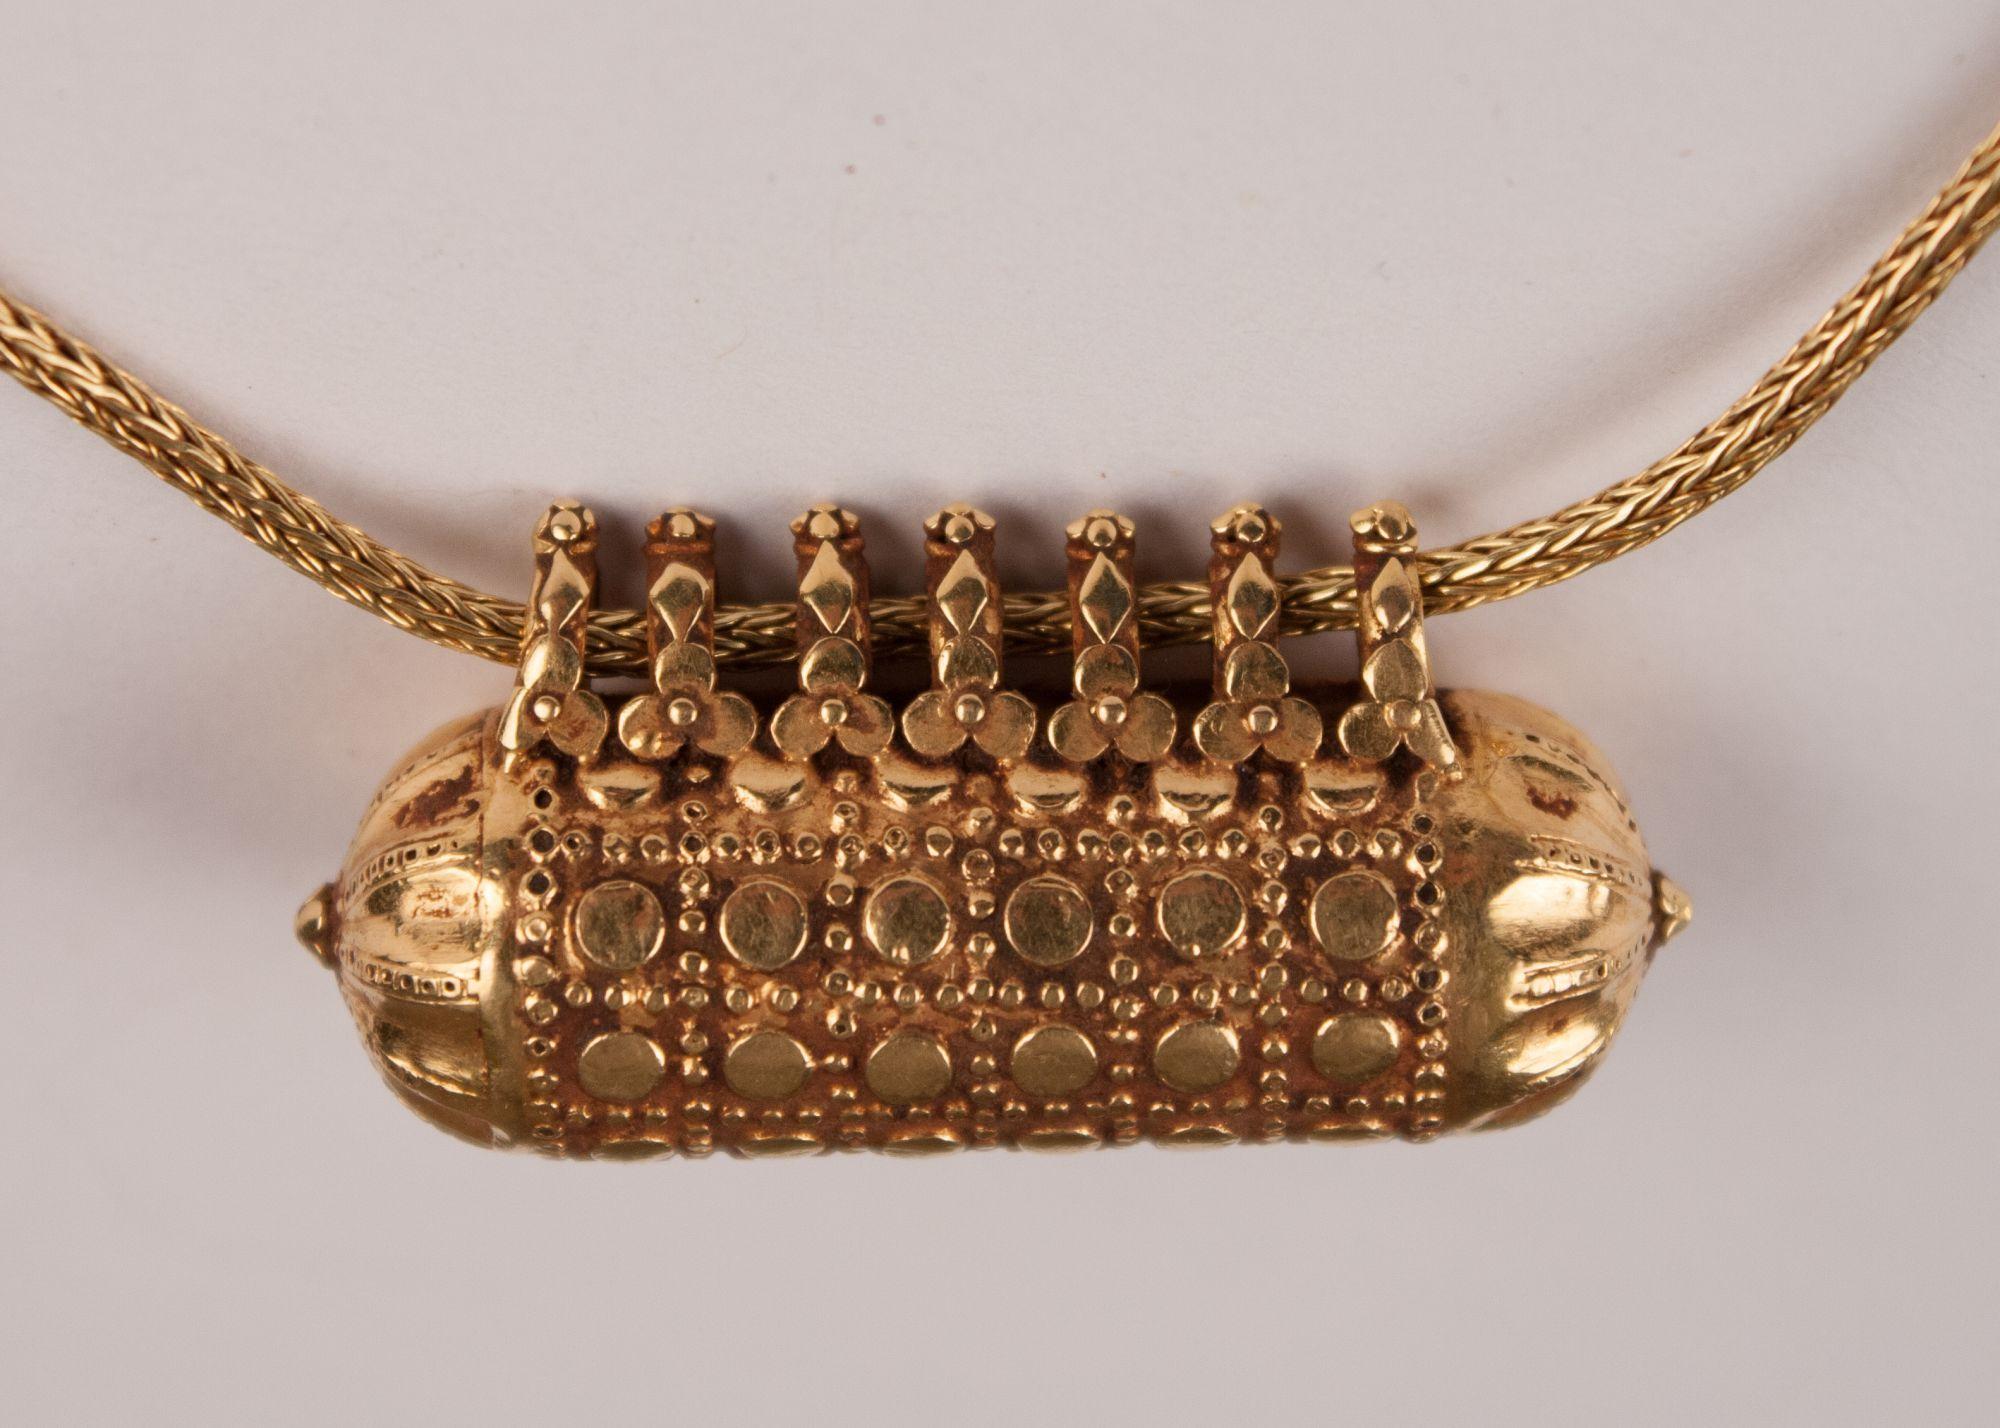 18 Karat Gold Indian Amulet Bead Necklace Fair Trade